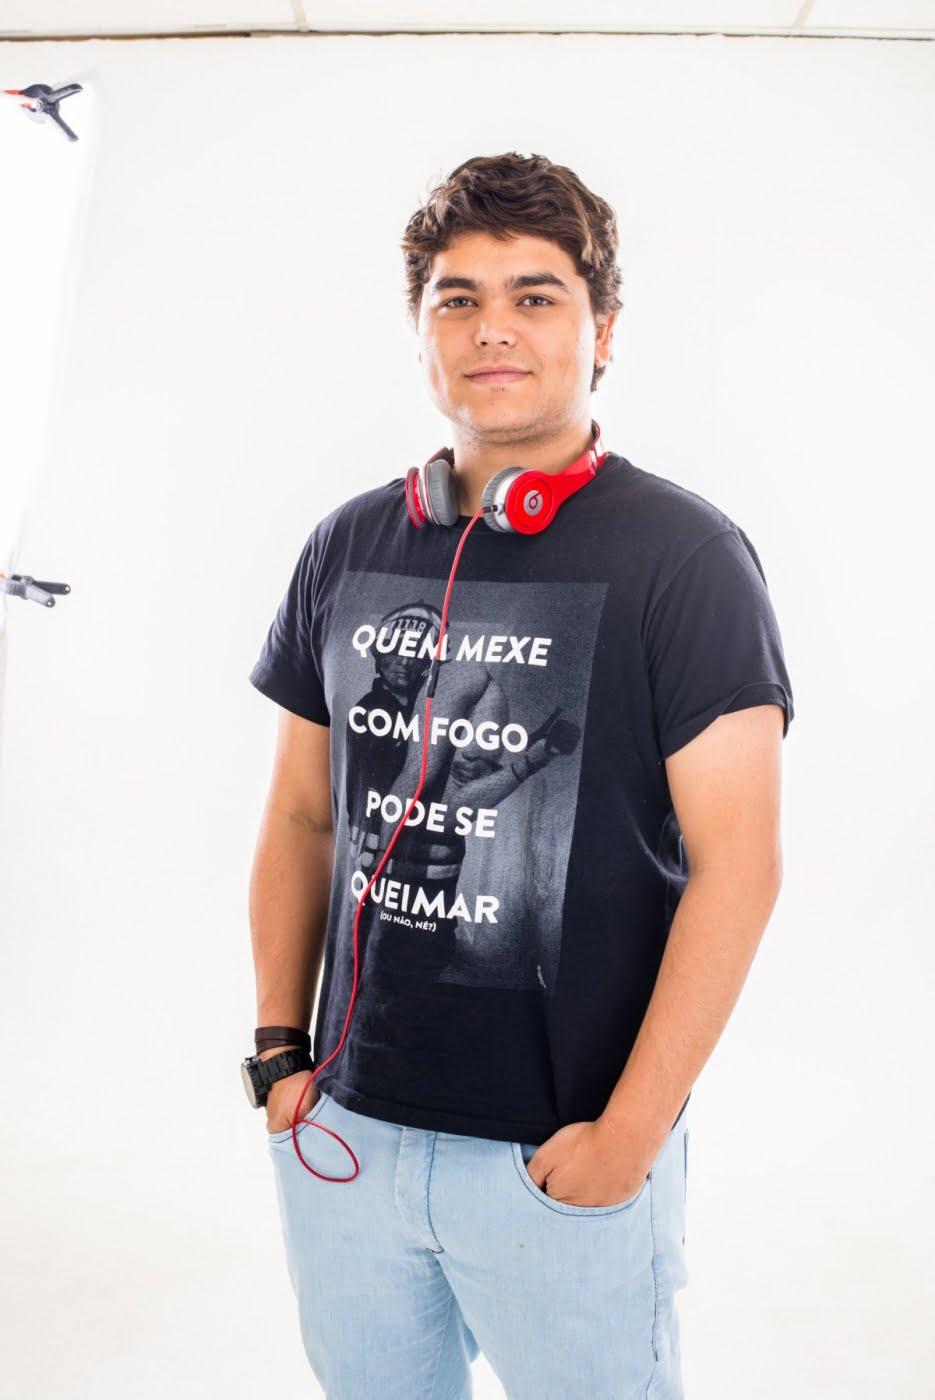 De criança hiperativa a empreendedor de sucesso, Tallis Gomes, 27 anos, criador de uma empresa que vale 1 bilhão de reais, fala dos 10 pontos que devem compor a cartilha de todo empreendedor